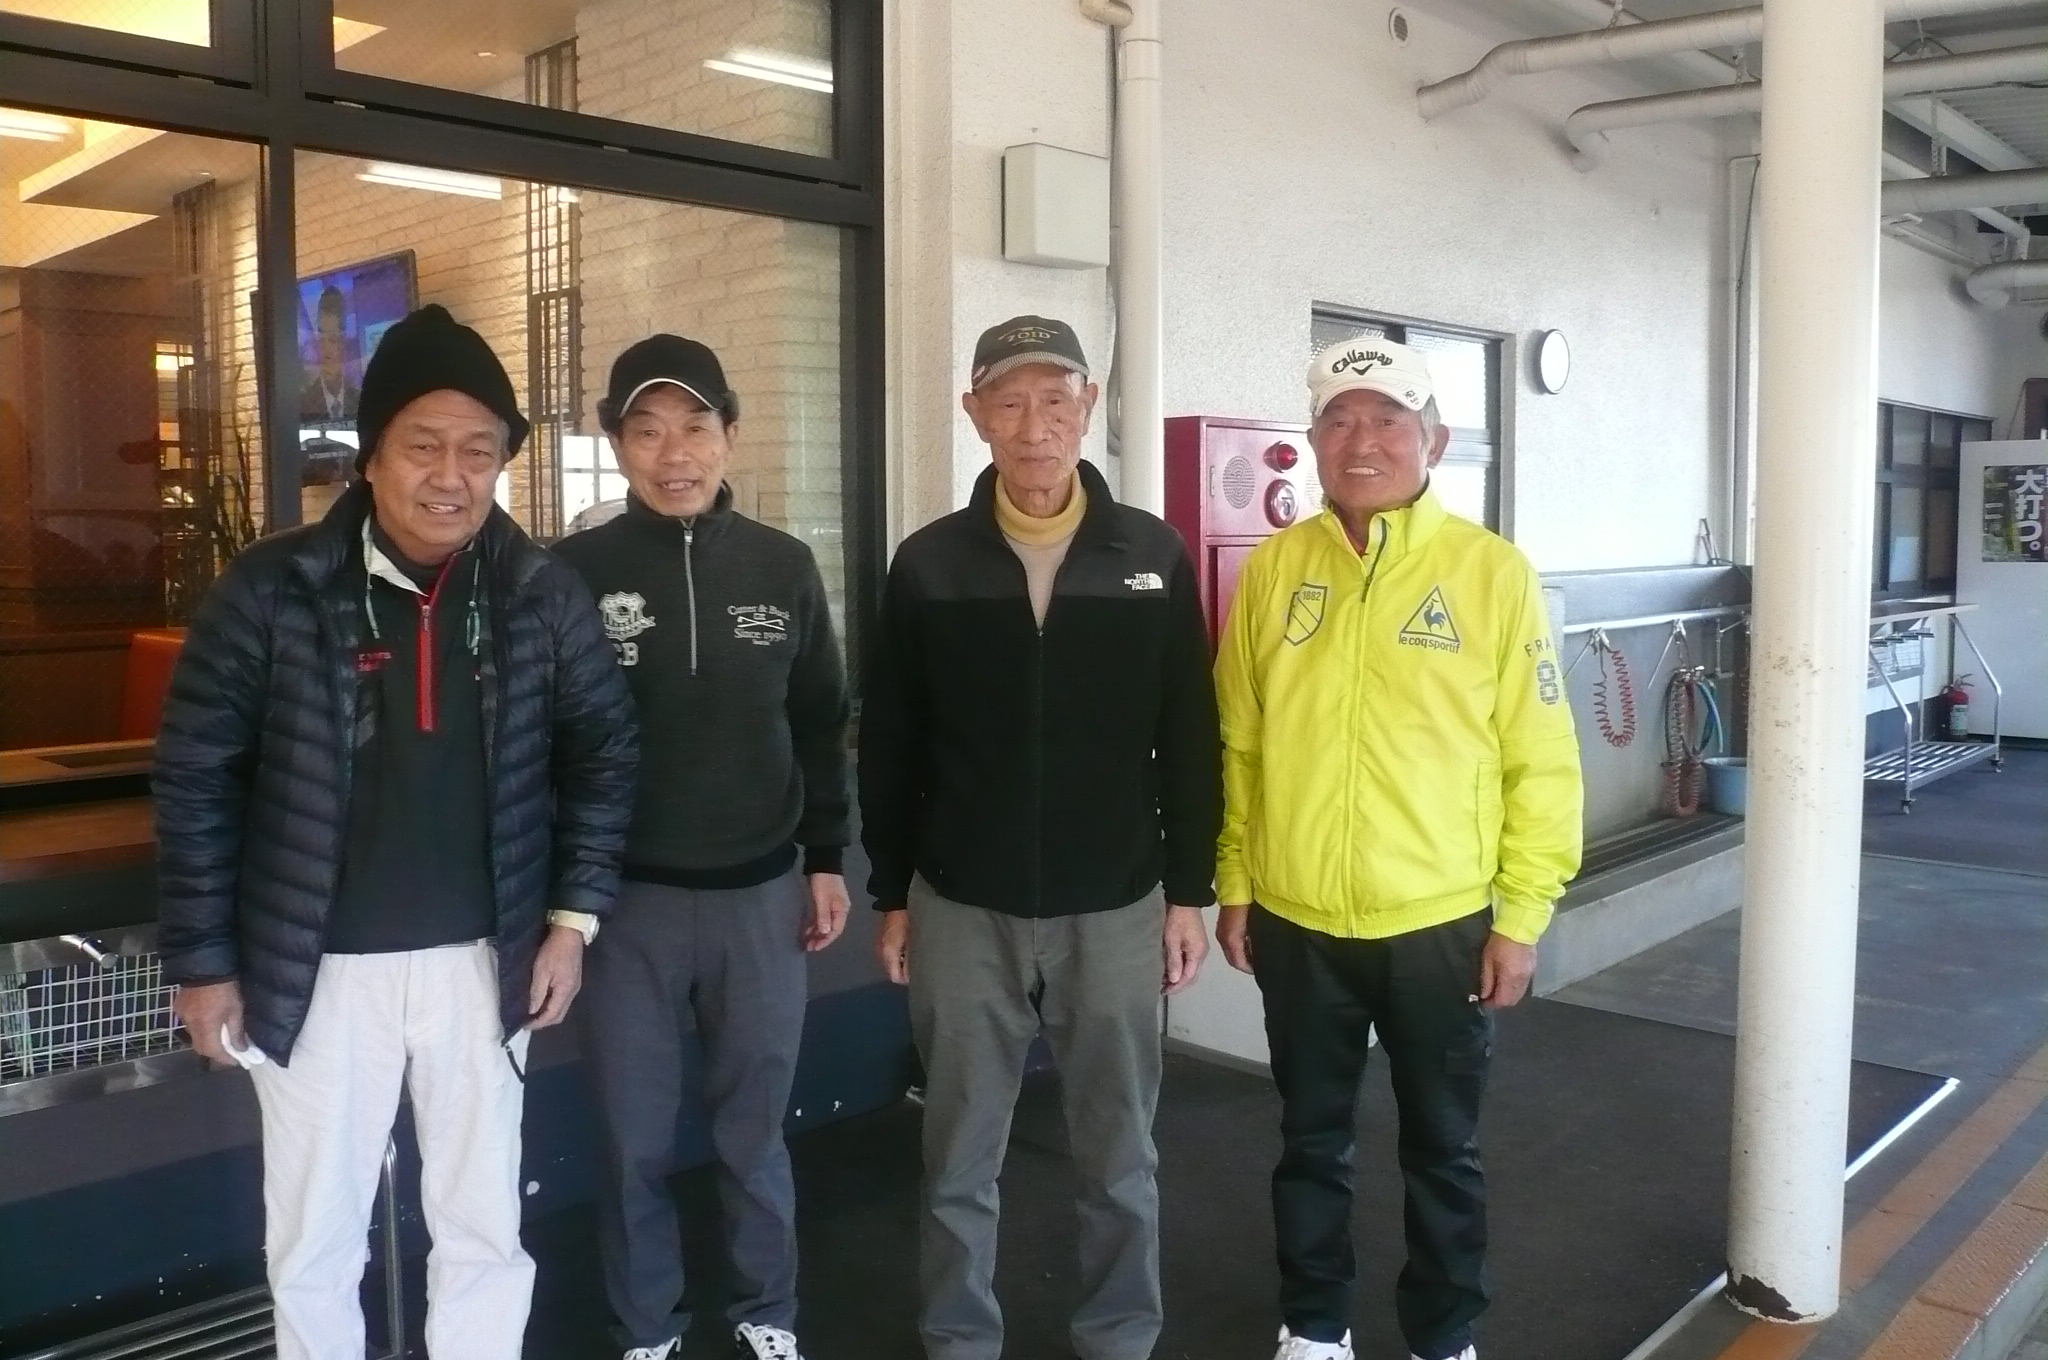 4組柿沢・高雄・小林・優勝した田中啓充さん